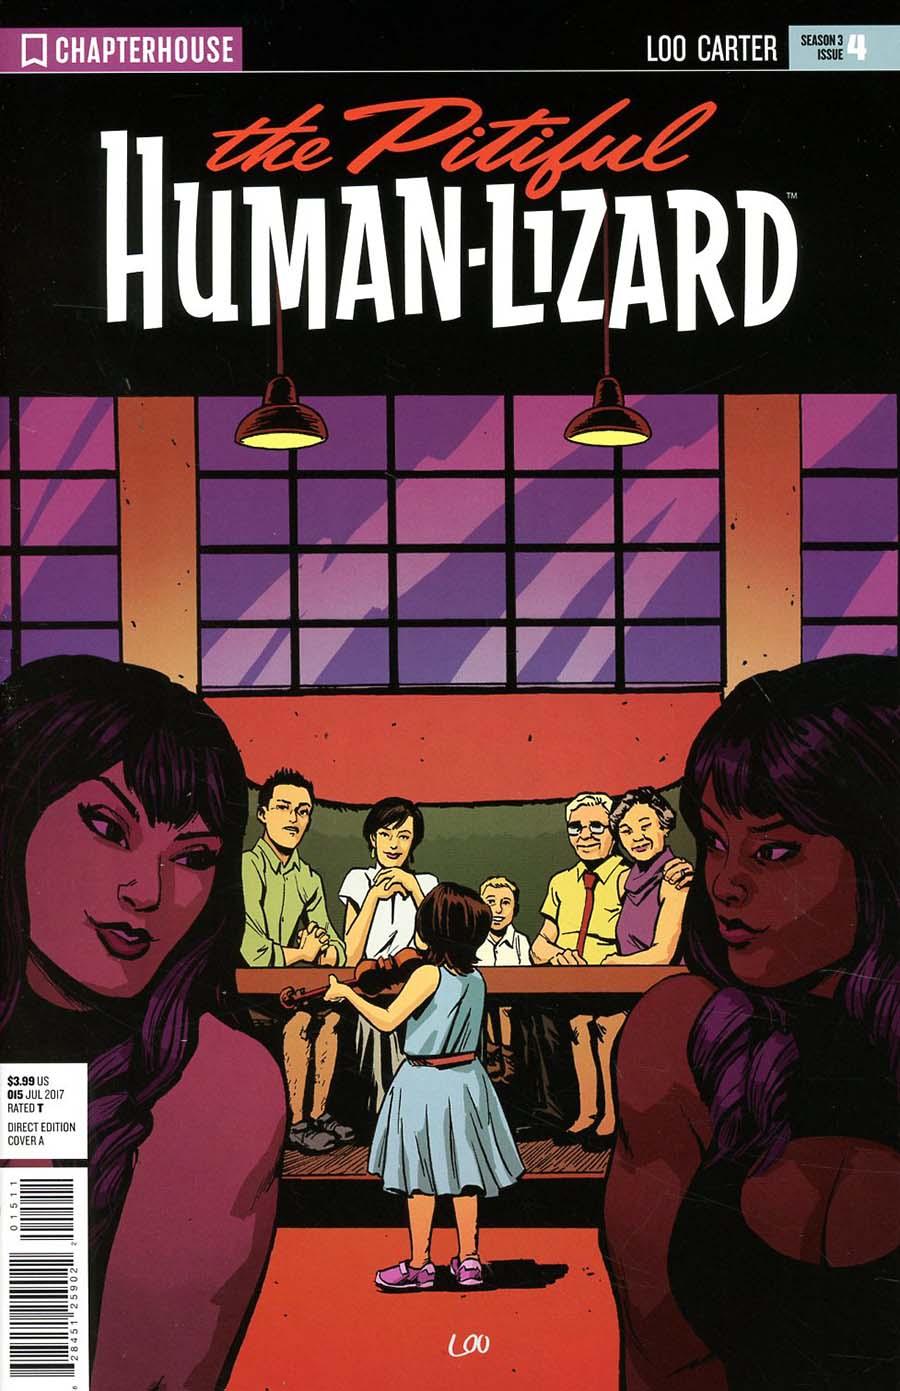 Pitiful Human-Lizard #15